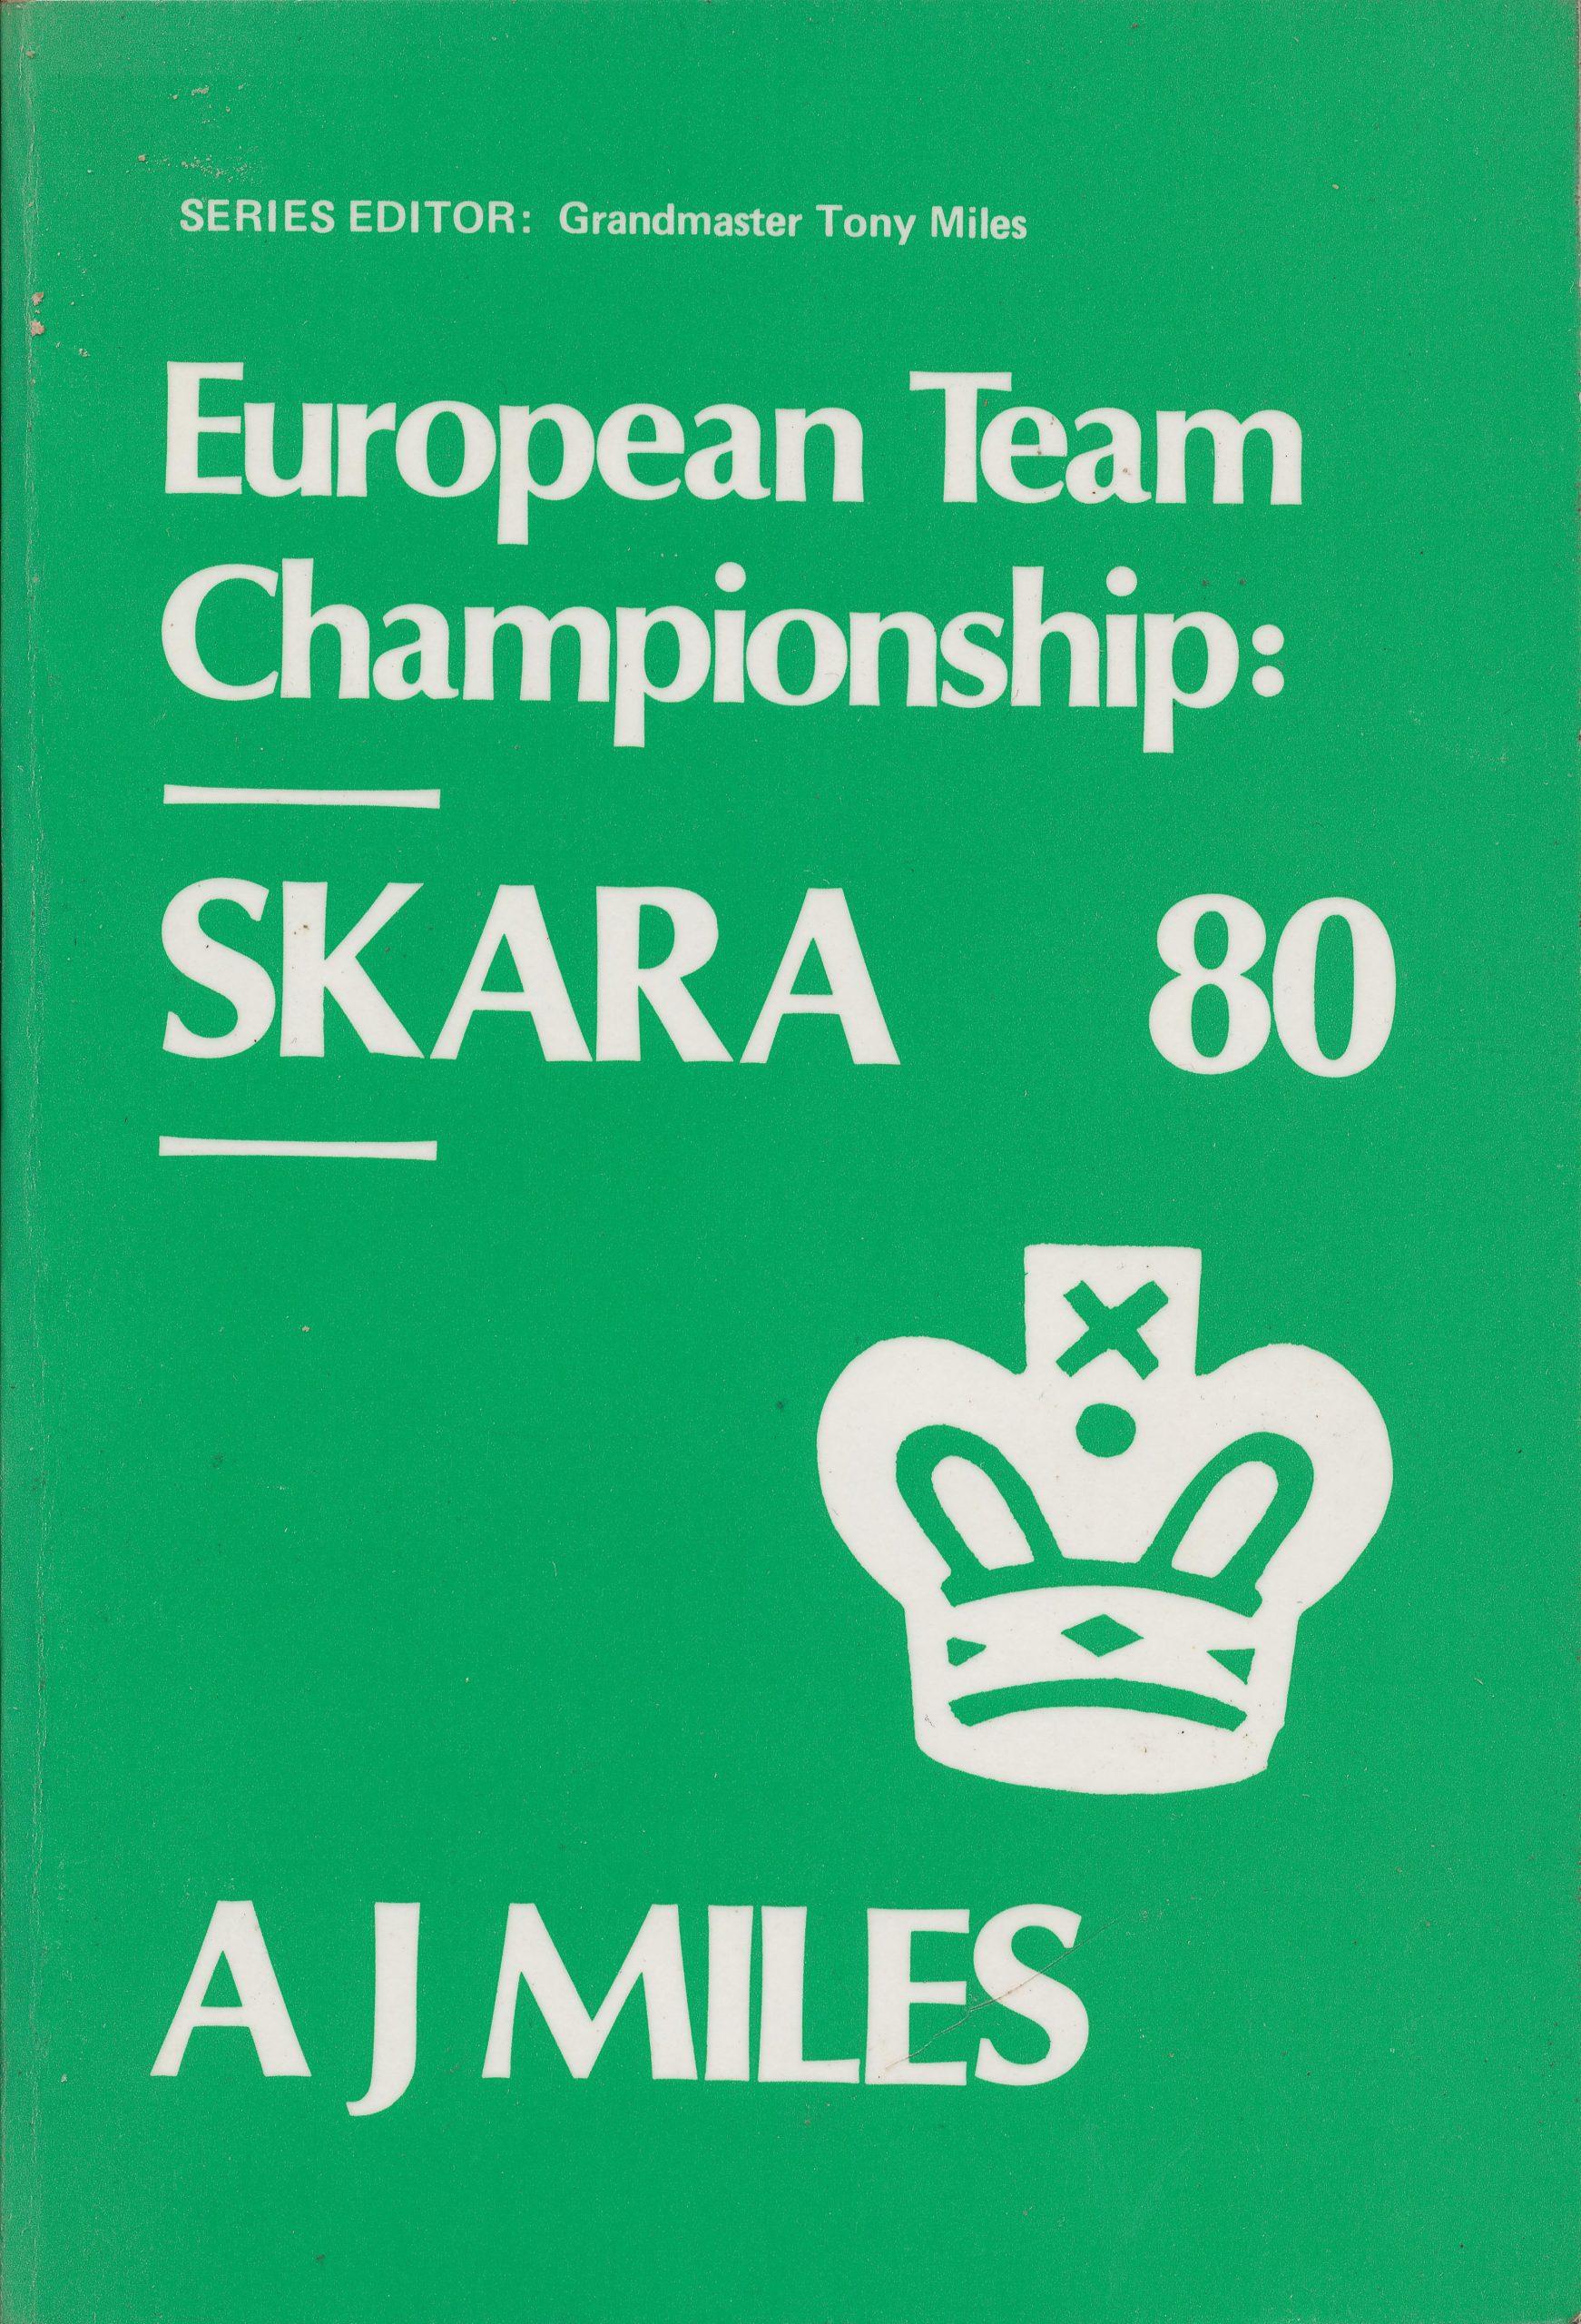 European Team Championship Skara 1980, AJ Miles, The Chess Player, ISBN 0 906042 33X